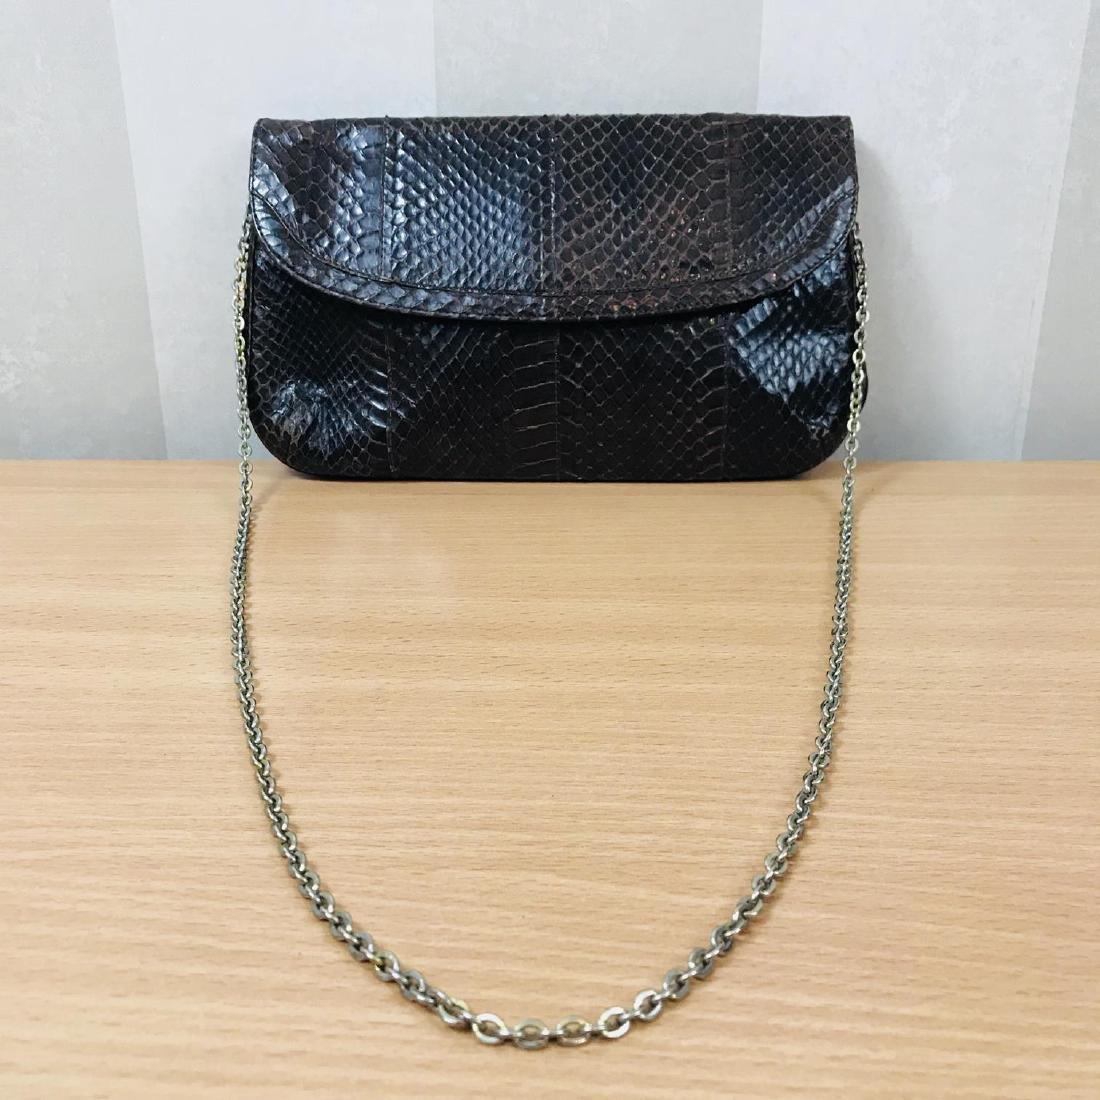 Vintage Brown Snakeskin Leather Clutch Bag